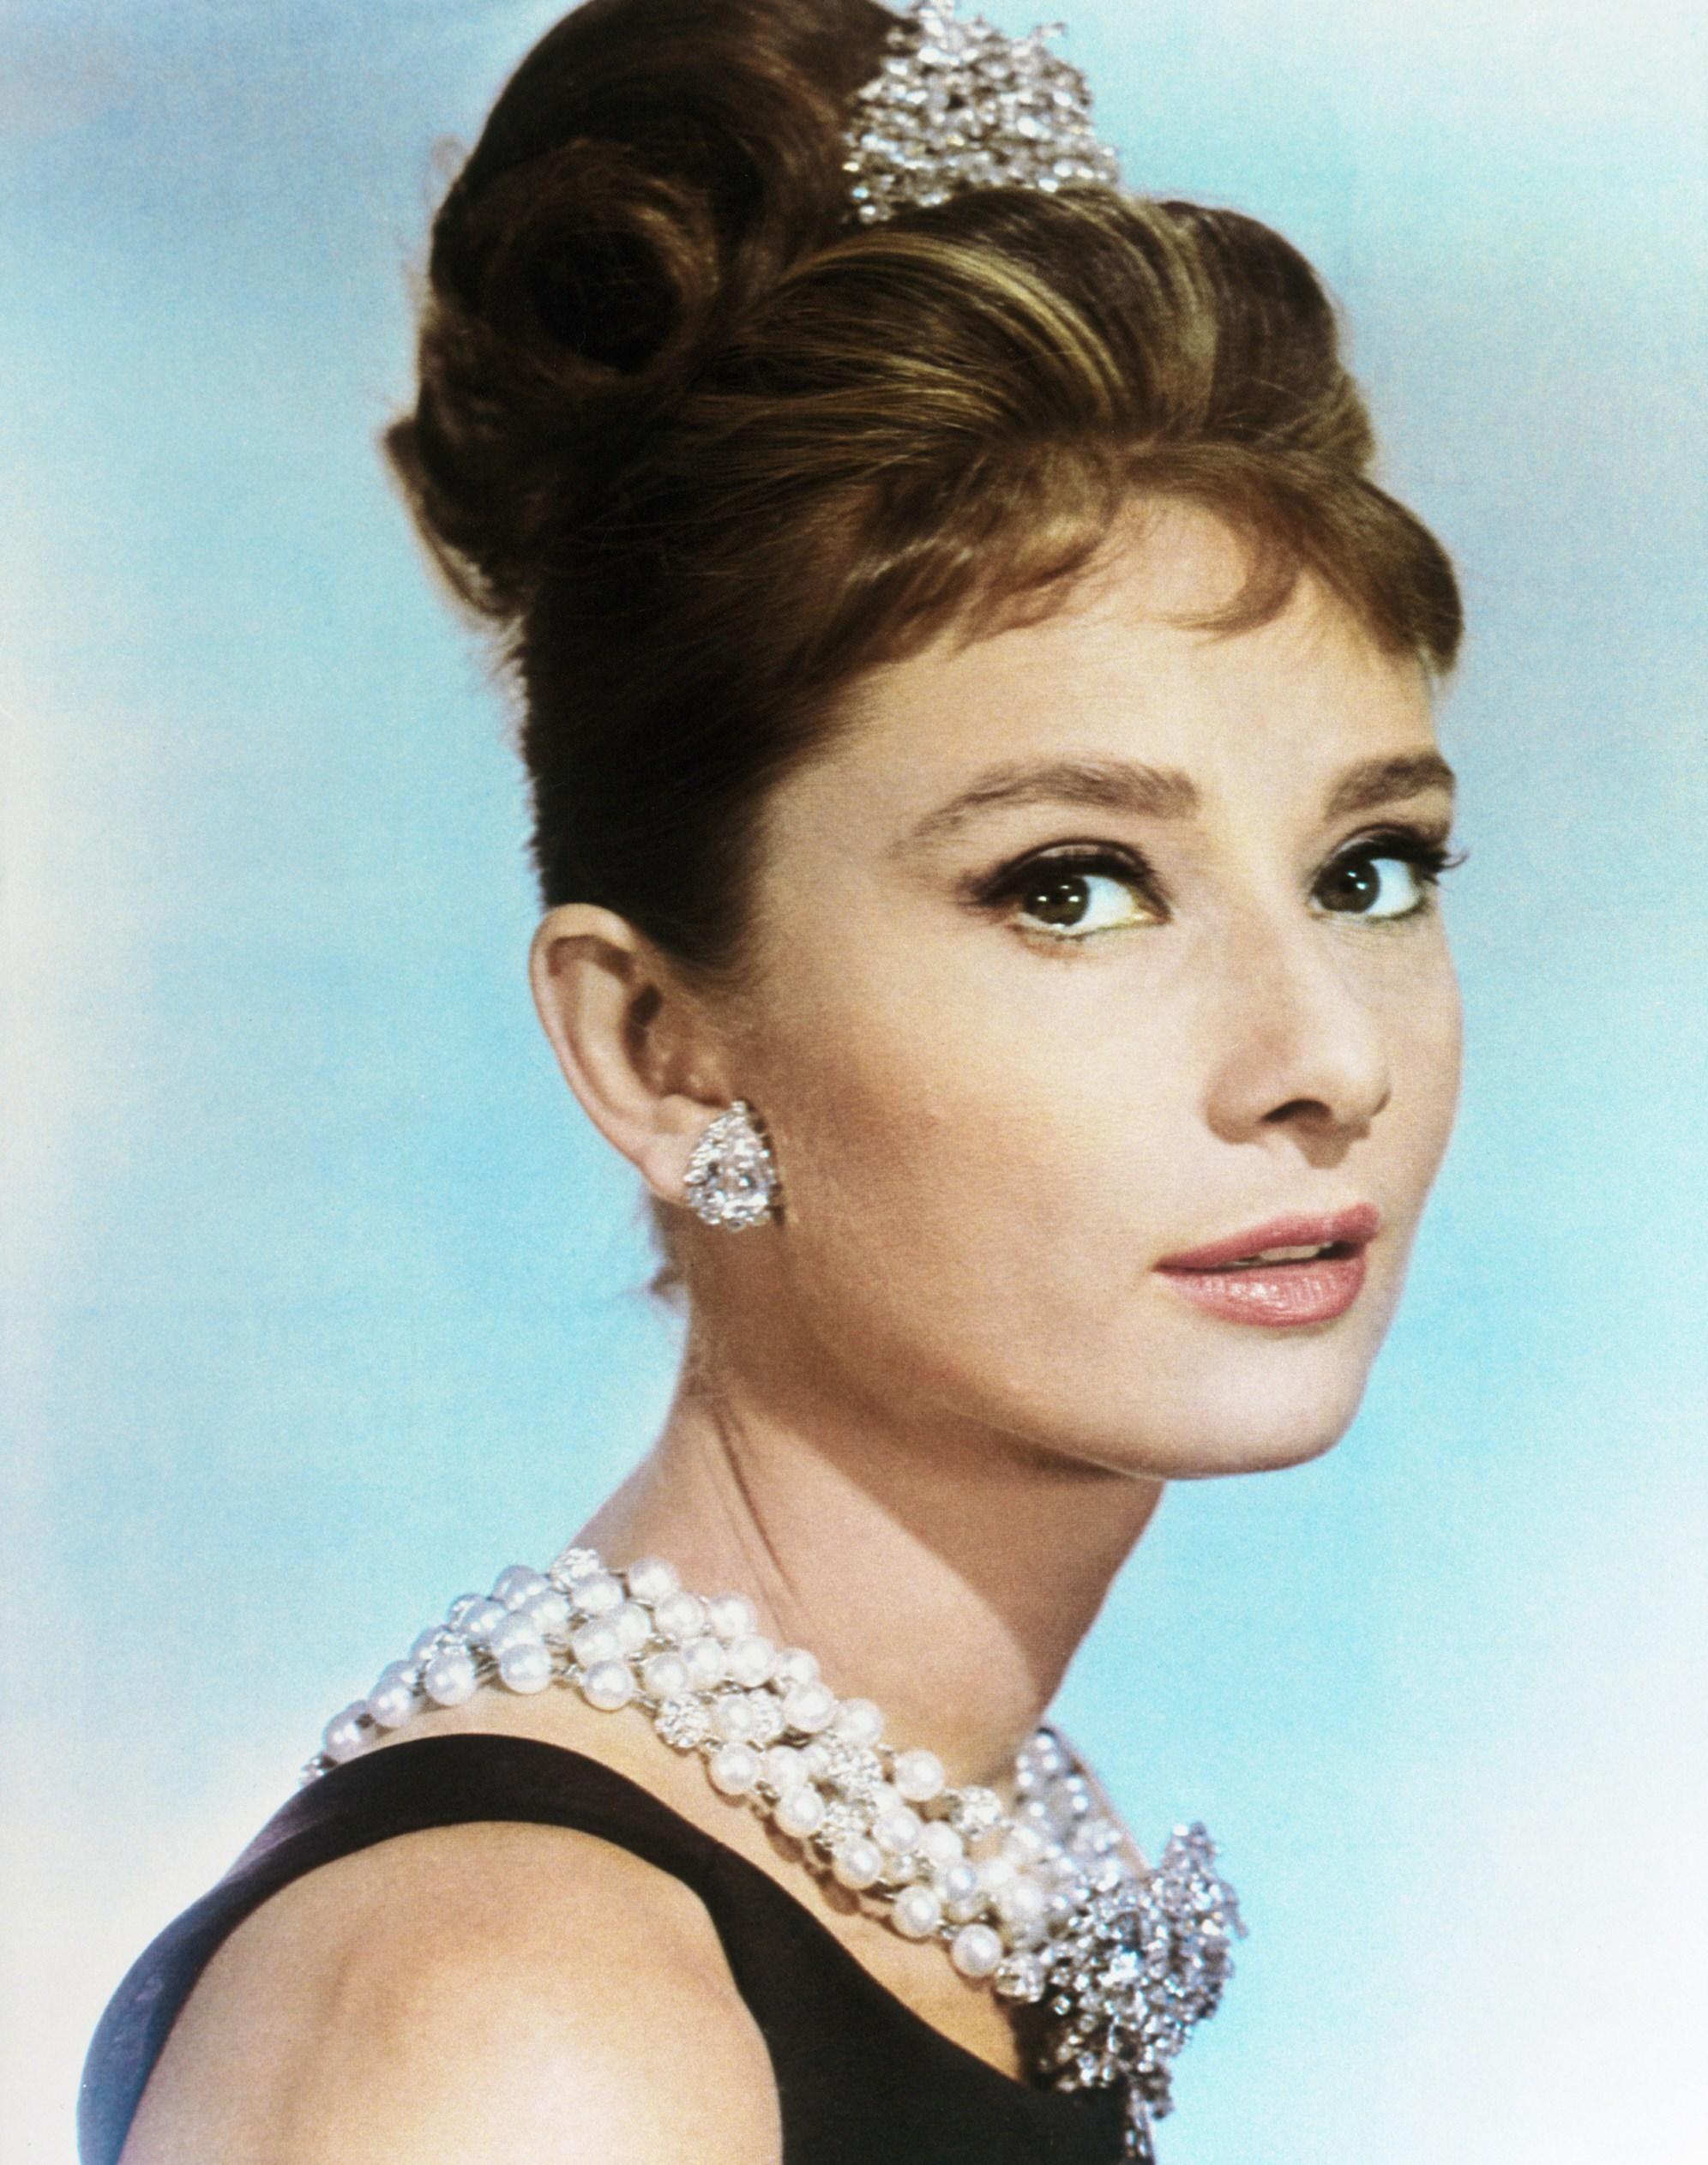 Audrey Hepburn Hollywood Divas 02 Beauty Pinterest Audrey